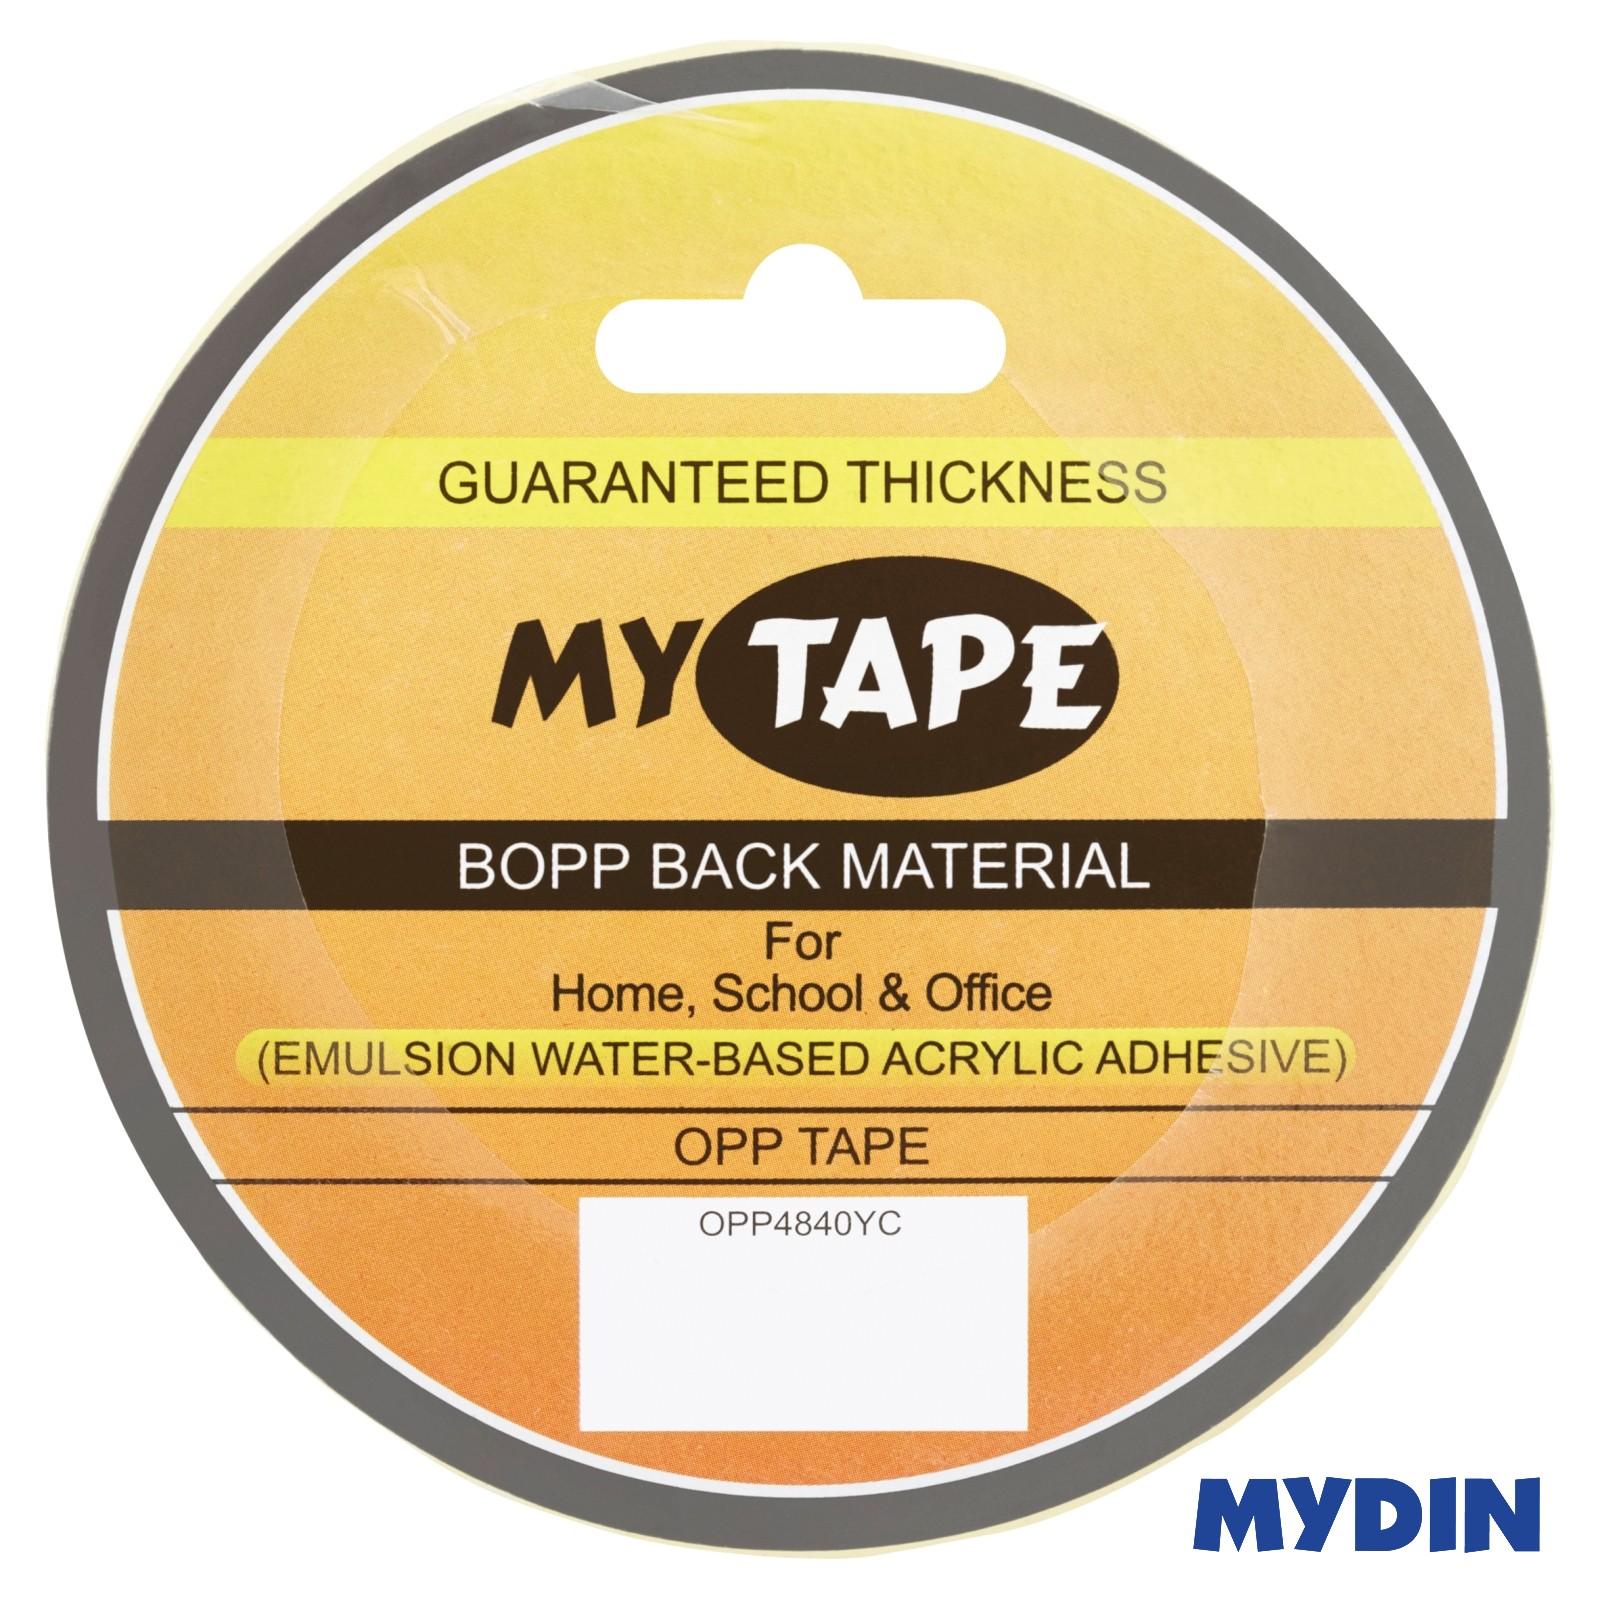 My Tape OPP Tape OPP4840YC